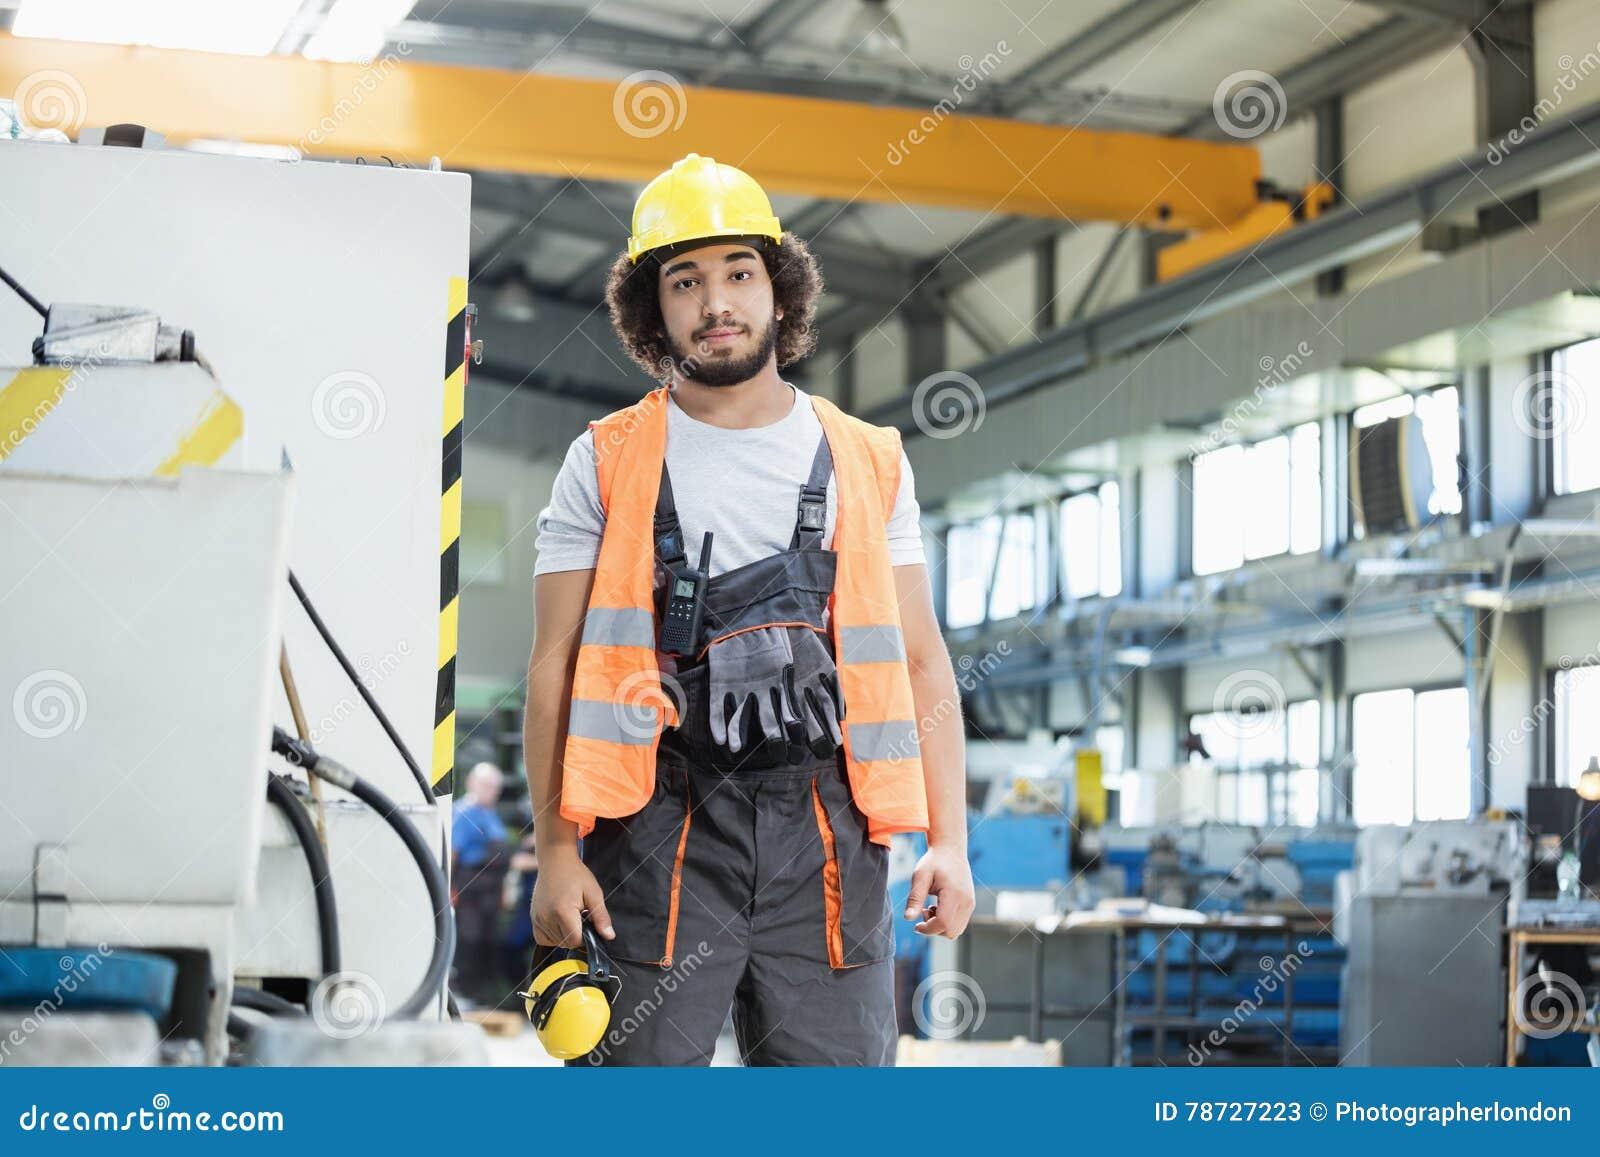 Stående av säker bärande skyddskläder för manuell arbetare i metallbransch